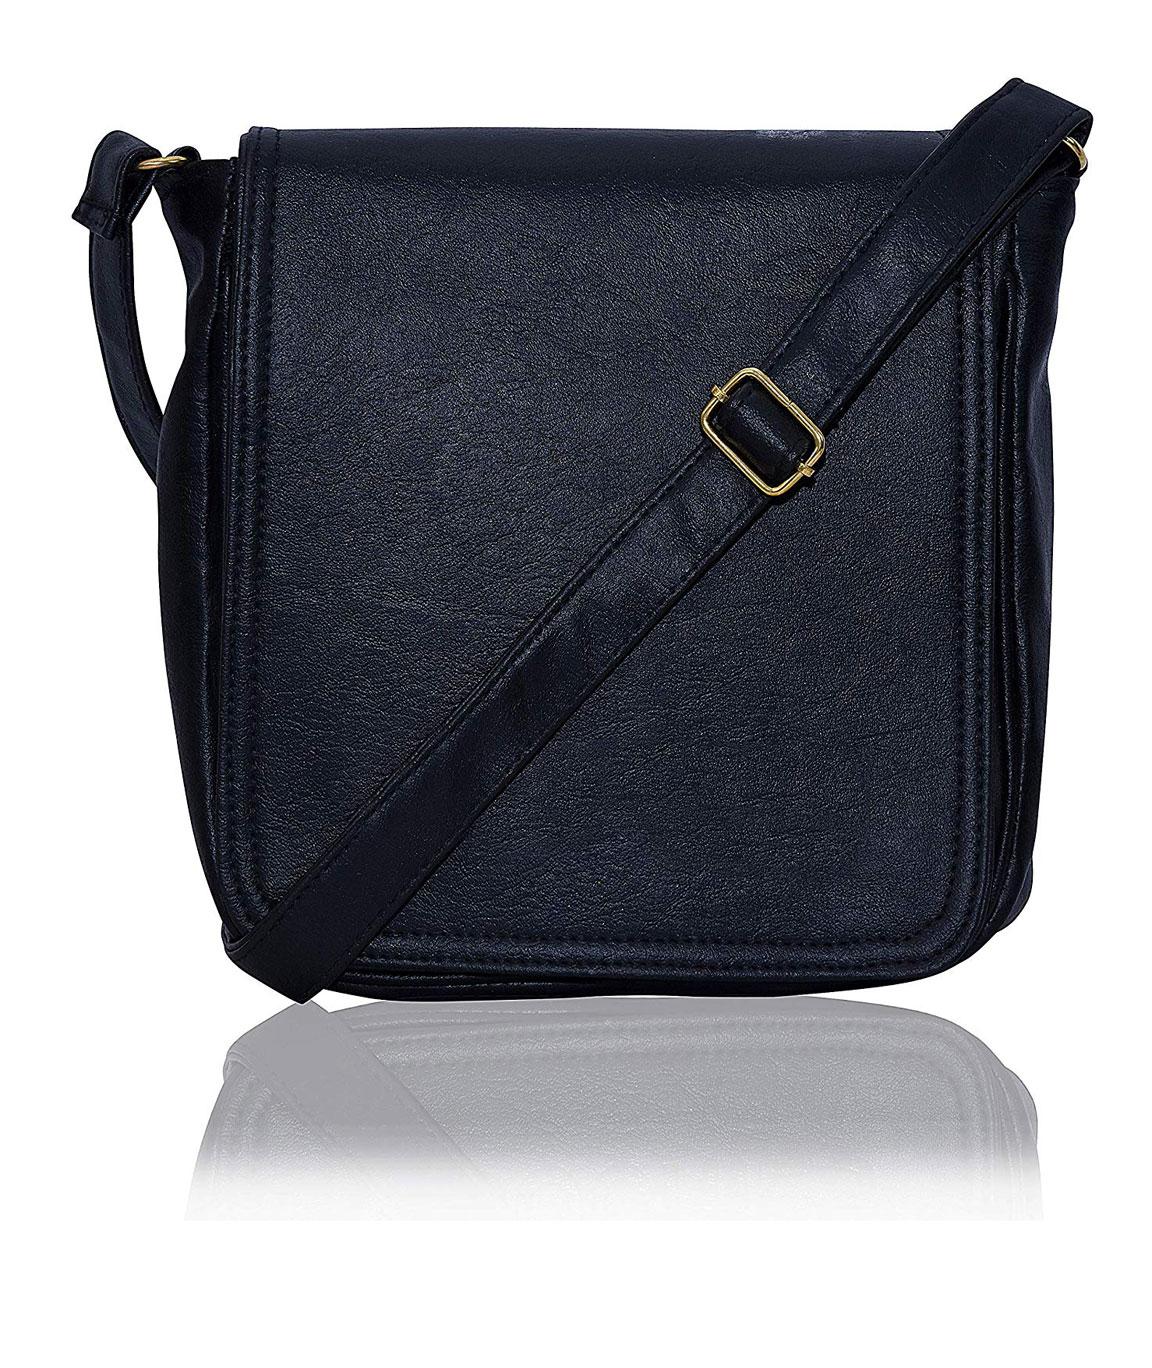 Dn Enterprises Leather Handmade Unisex Long Flap Cross-Body Sling Bag for Men/Boys/Shoulder Bag for Men.(black)